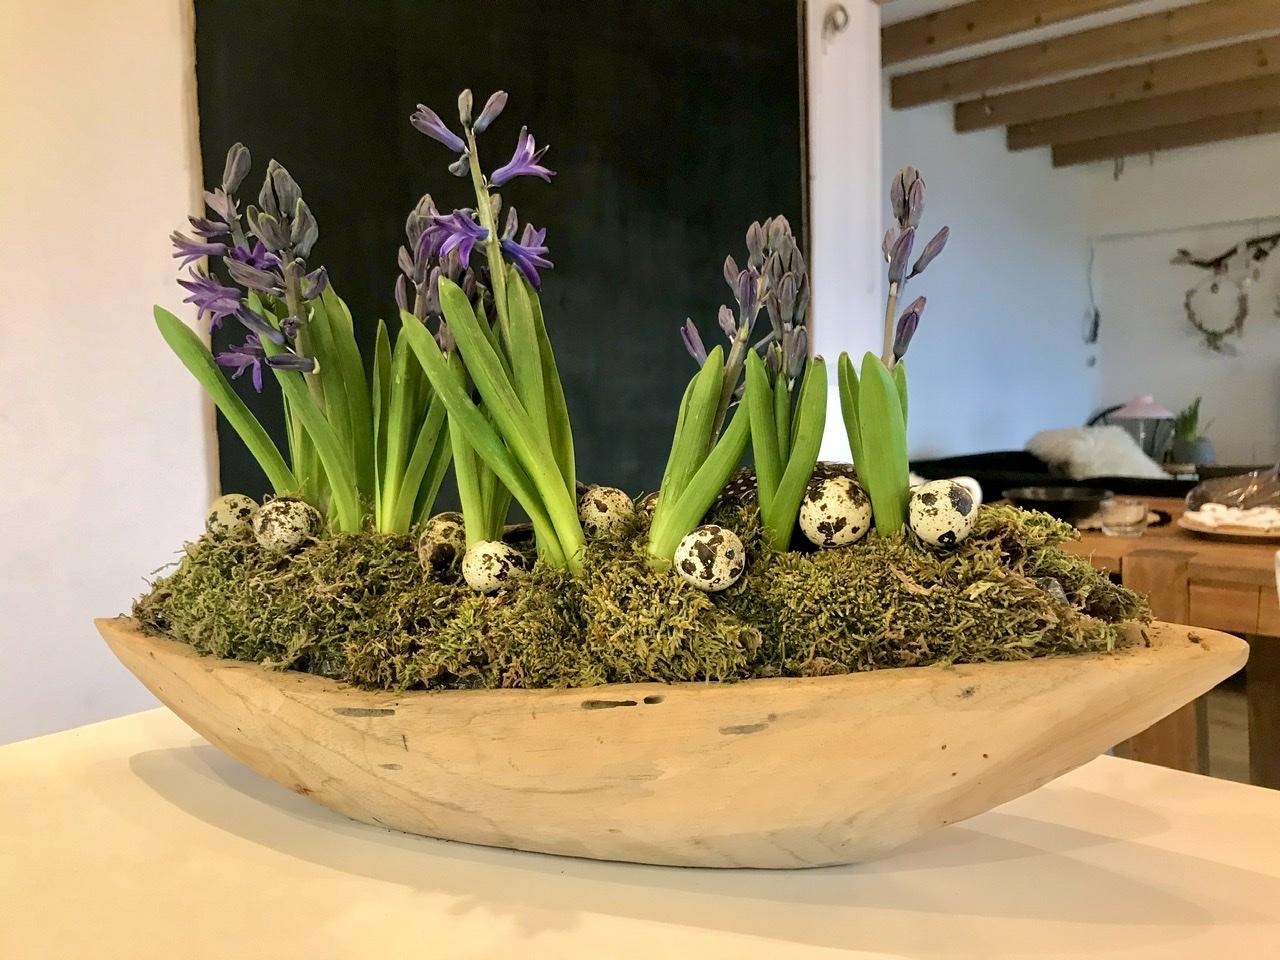 Naše L-ko - 2021 - stále dokončujeme - Teaková miska, mach, prepeličie vajíčka a hyacinty - krásny nový deň